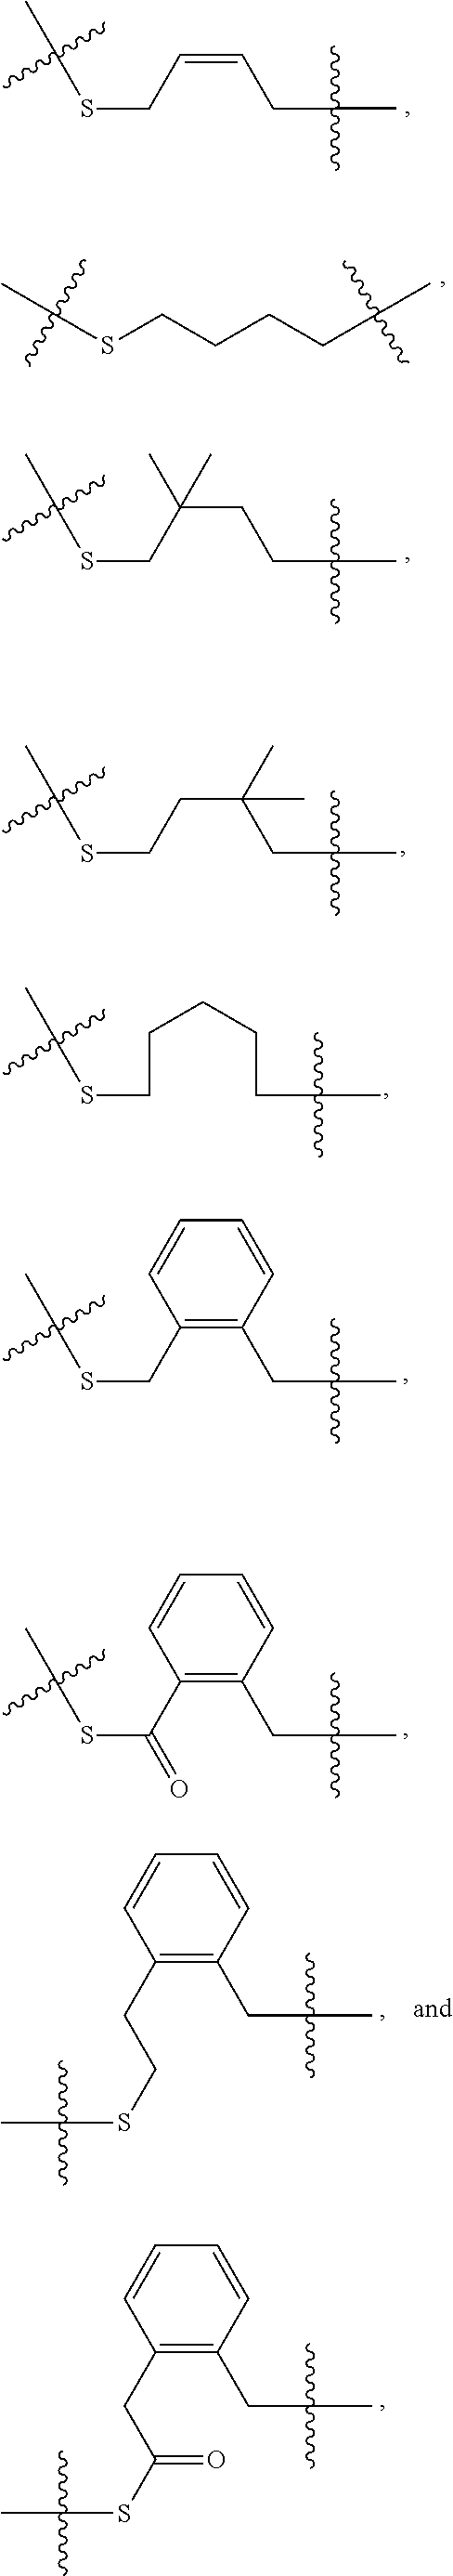 Figure US10160969-20181225-C00033